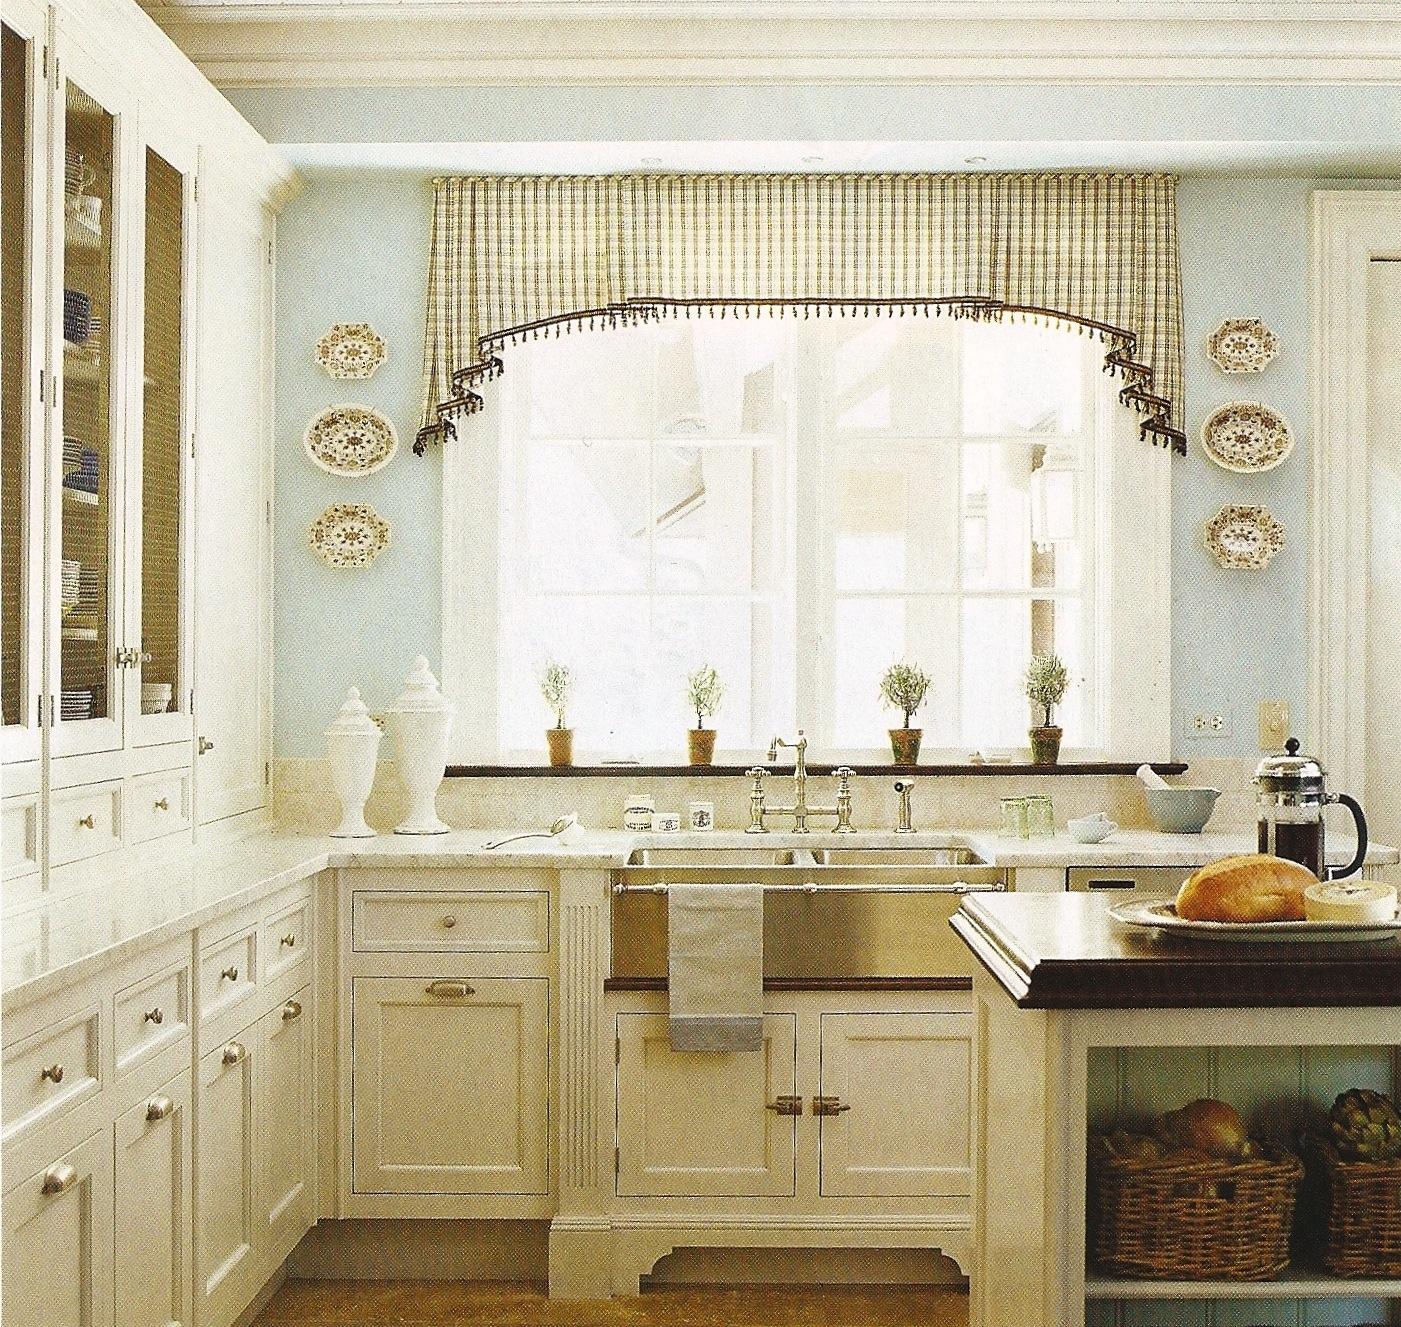 Design Dump: White Kitchen + Wood Countertops